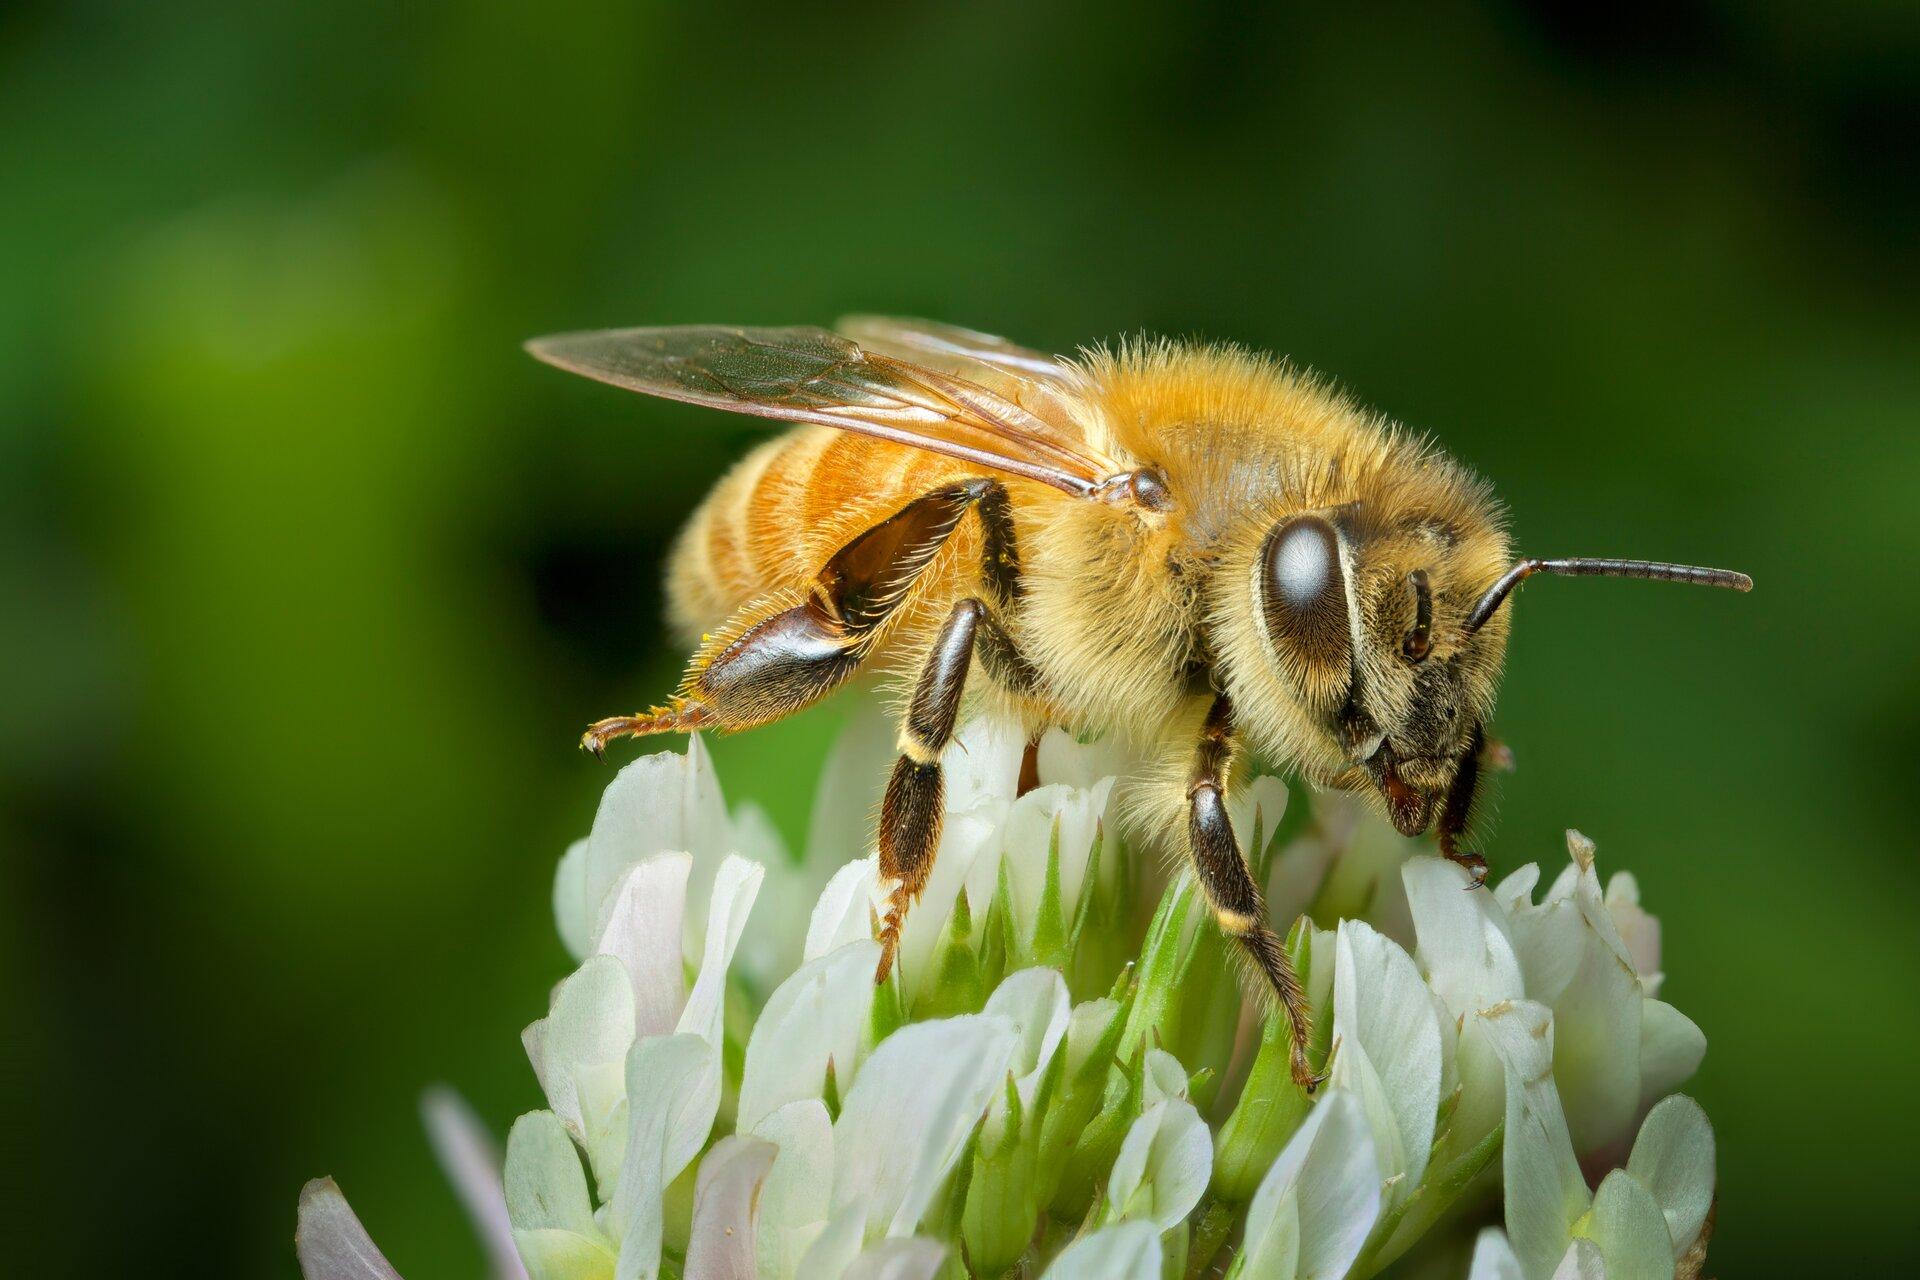 Fotografia przedstawia pszczołę siedząca na kwiecie. Zwierzę siedzi ustawione głową wprawo. Ciało jest ciemnożółte, pokryte gęstymi, krótkimi szczeninkami. Na głowie znajdują się duże brązowe oczy. Owad siedzi na odnóżach ciemnobrązowych, podzielonych na człony połączone stawami.